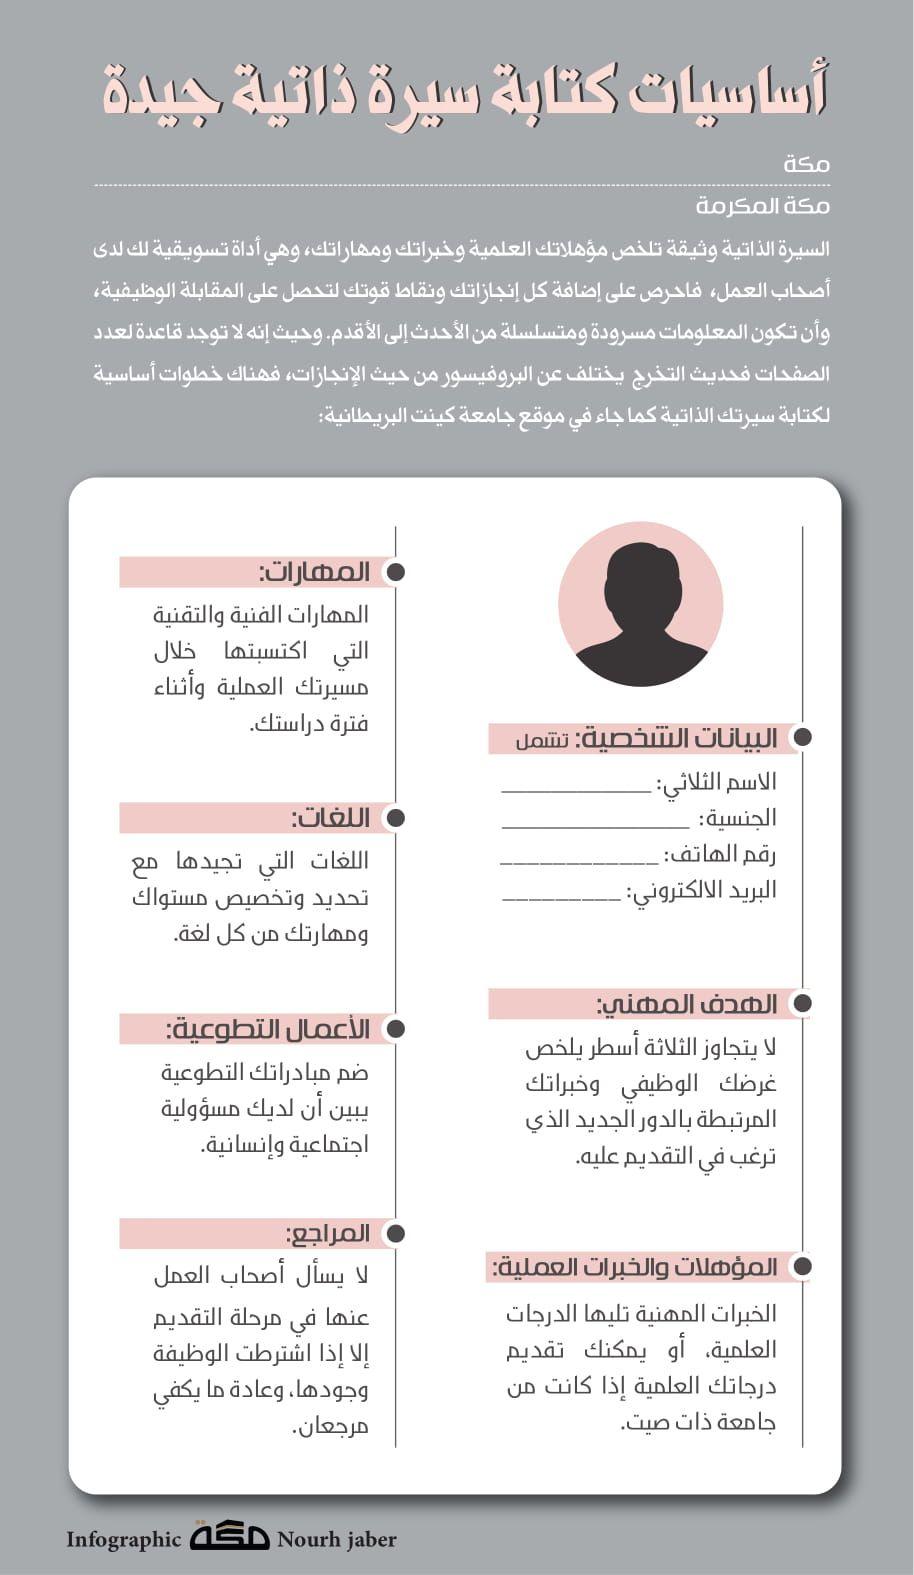 أساسيات كتابة سيرة ذاتية جيدة صحيفة مكة انفوجرافيك توظيف Infographic